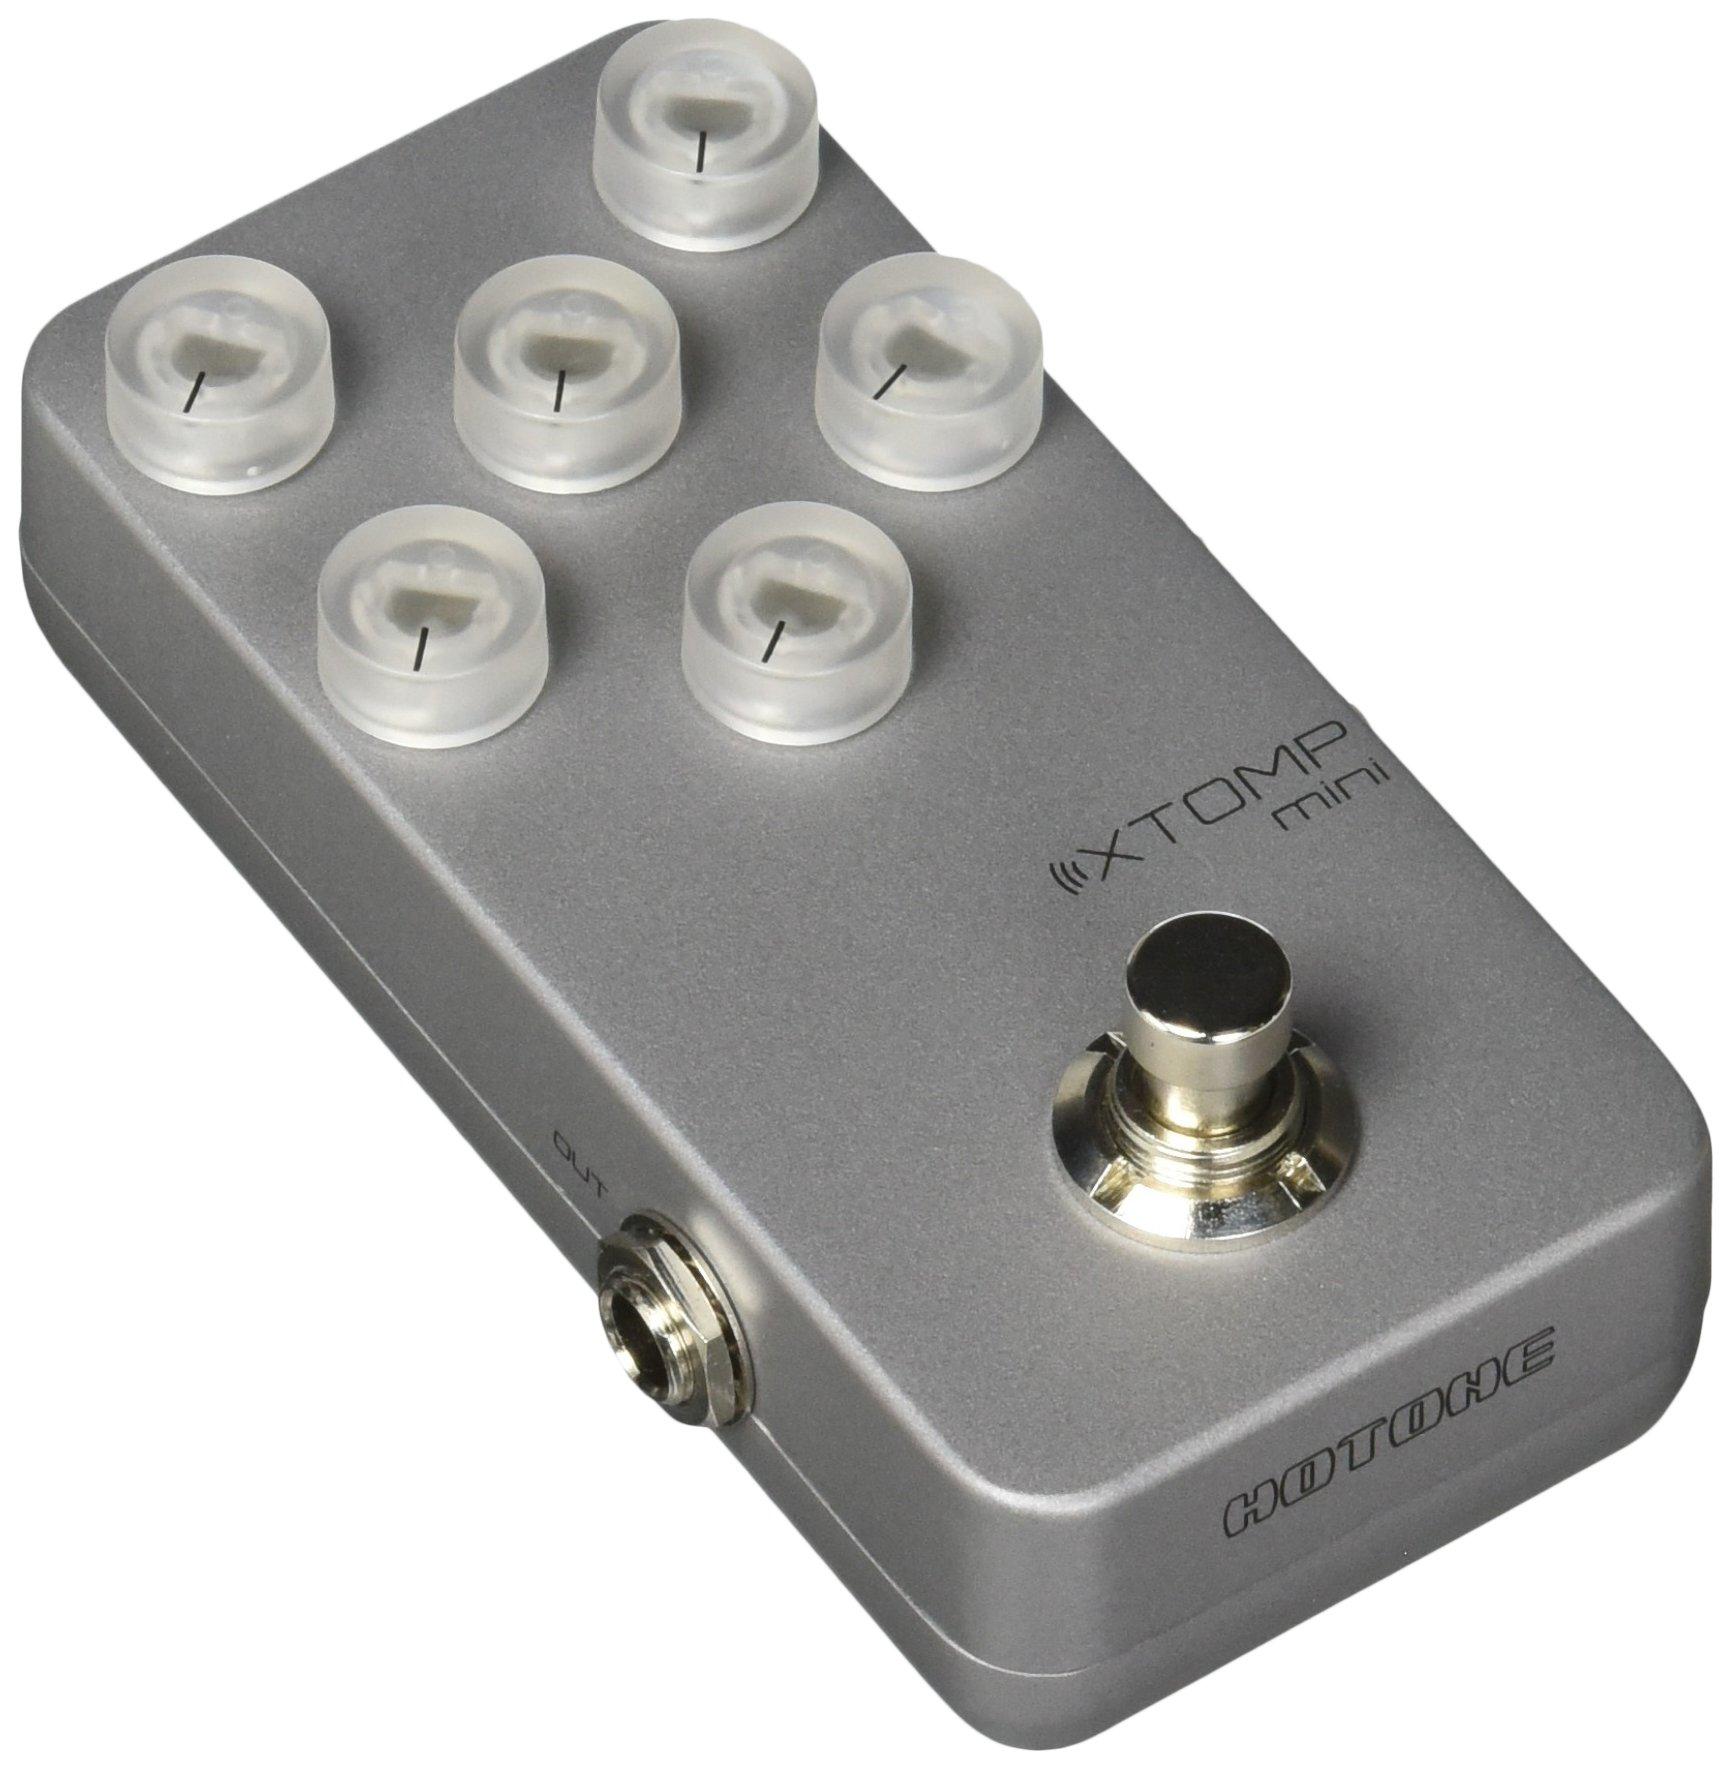 HOTONE Xtomp Mini Effects Unit (TPMXTOMPM)